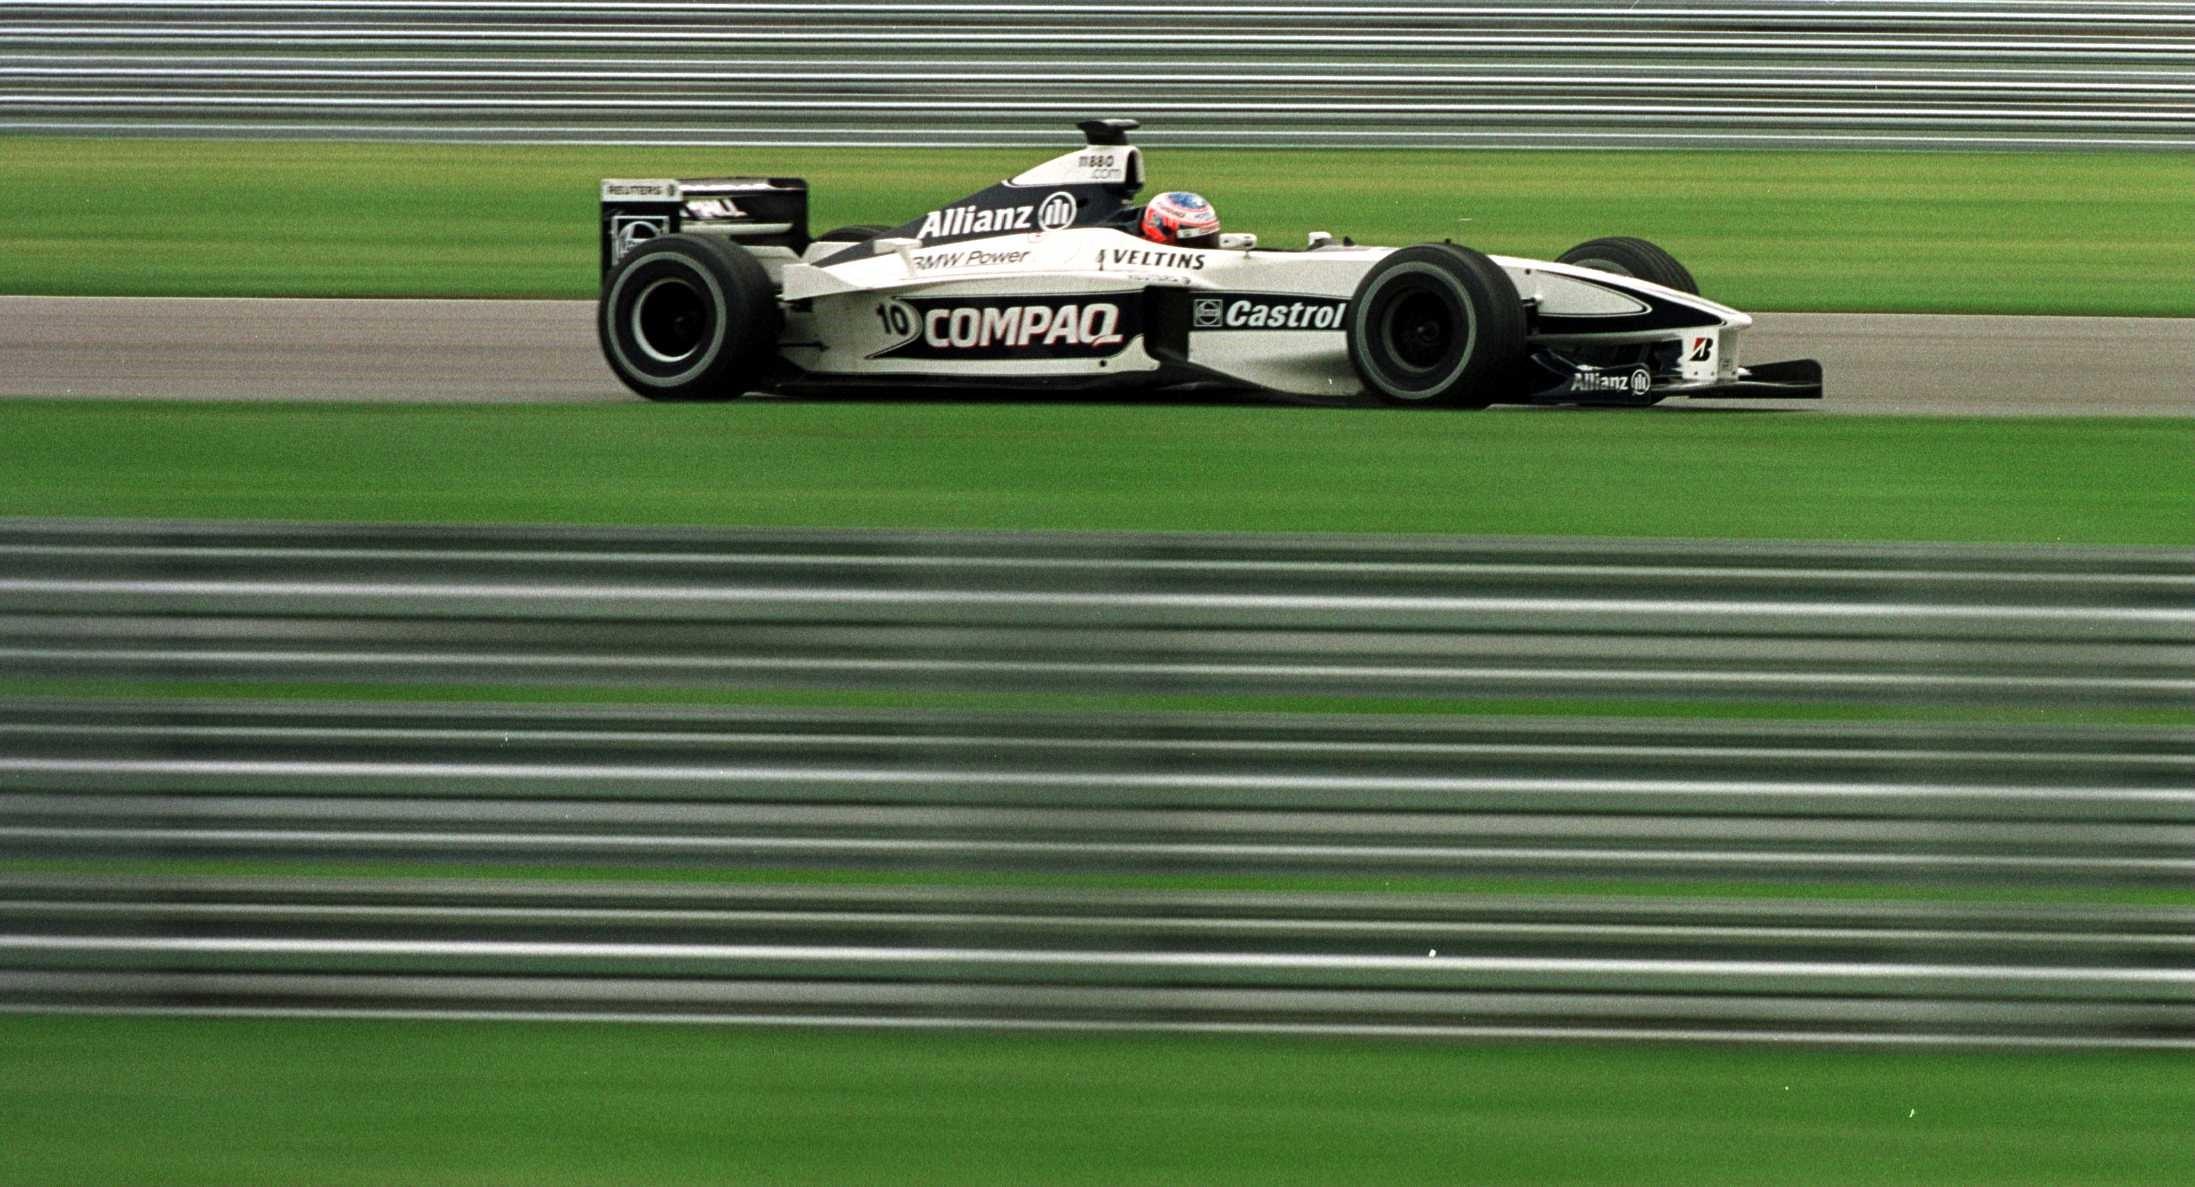 Jenson Button (Williams) au Grand Prix des Etats-Unis d'Amérique 2000